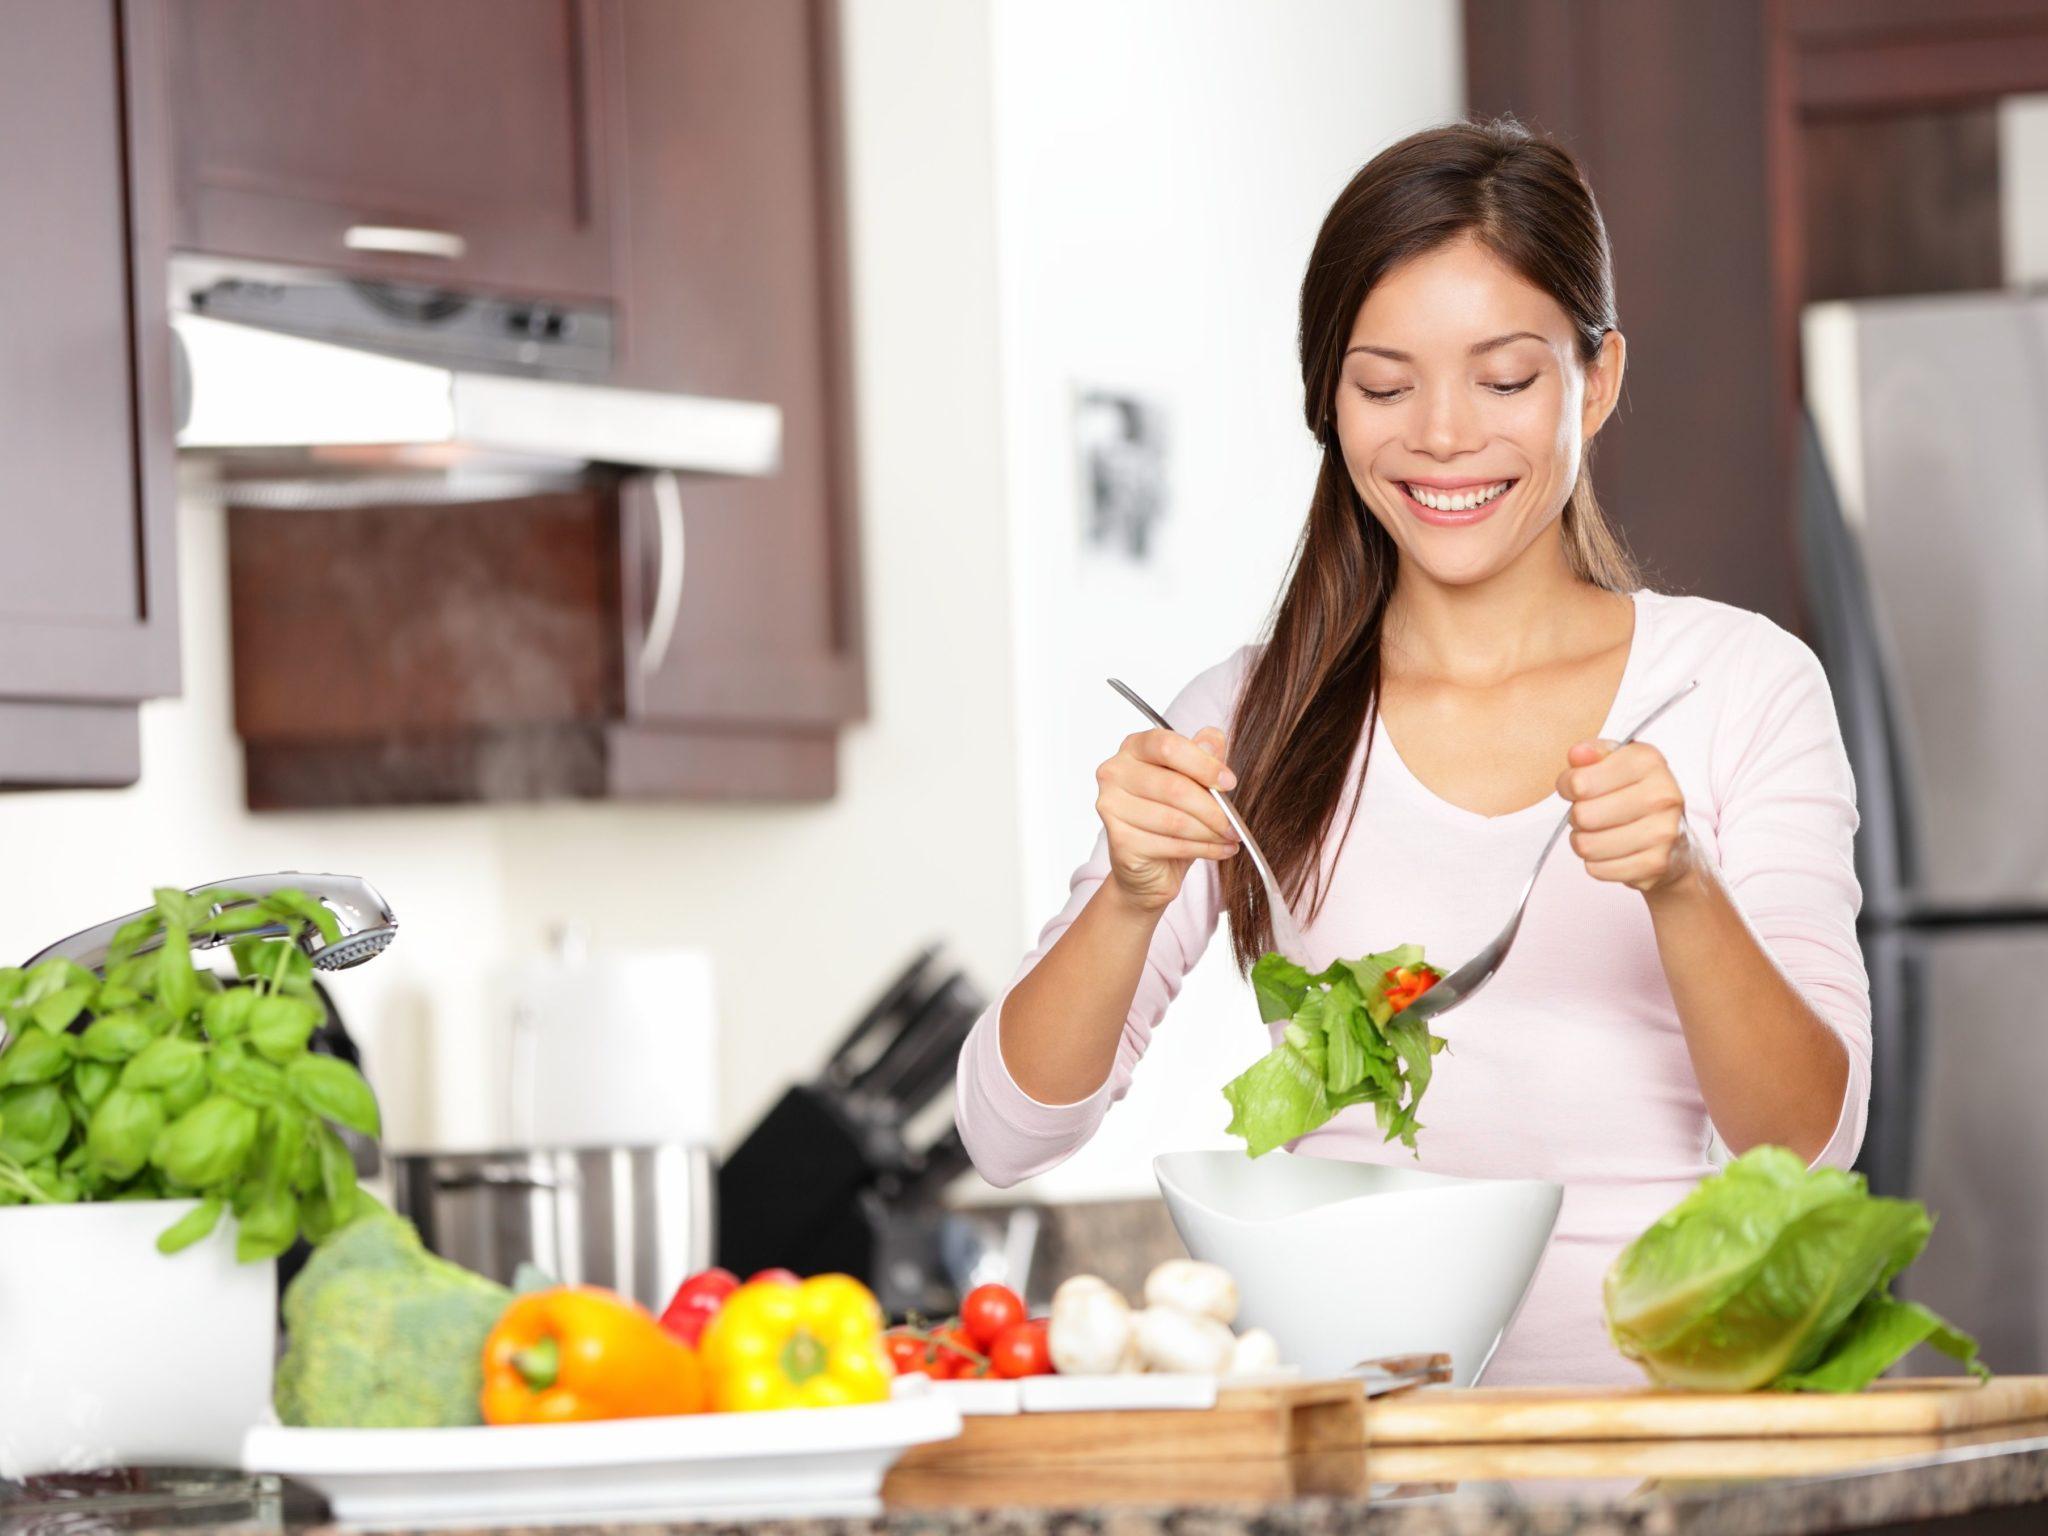 Utensilios para cocinar de forma saludable todo salud - Cocinar verduras para dieta ...